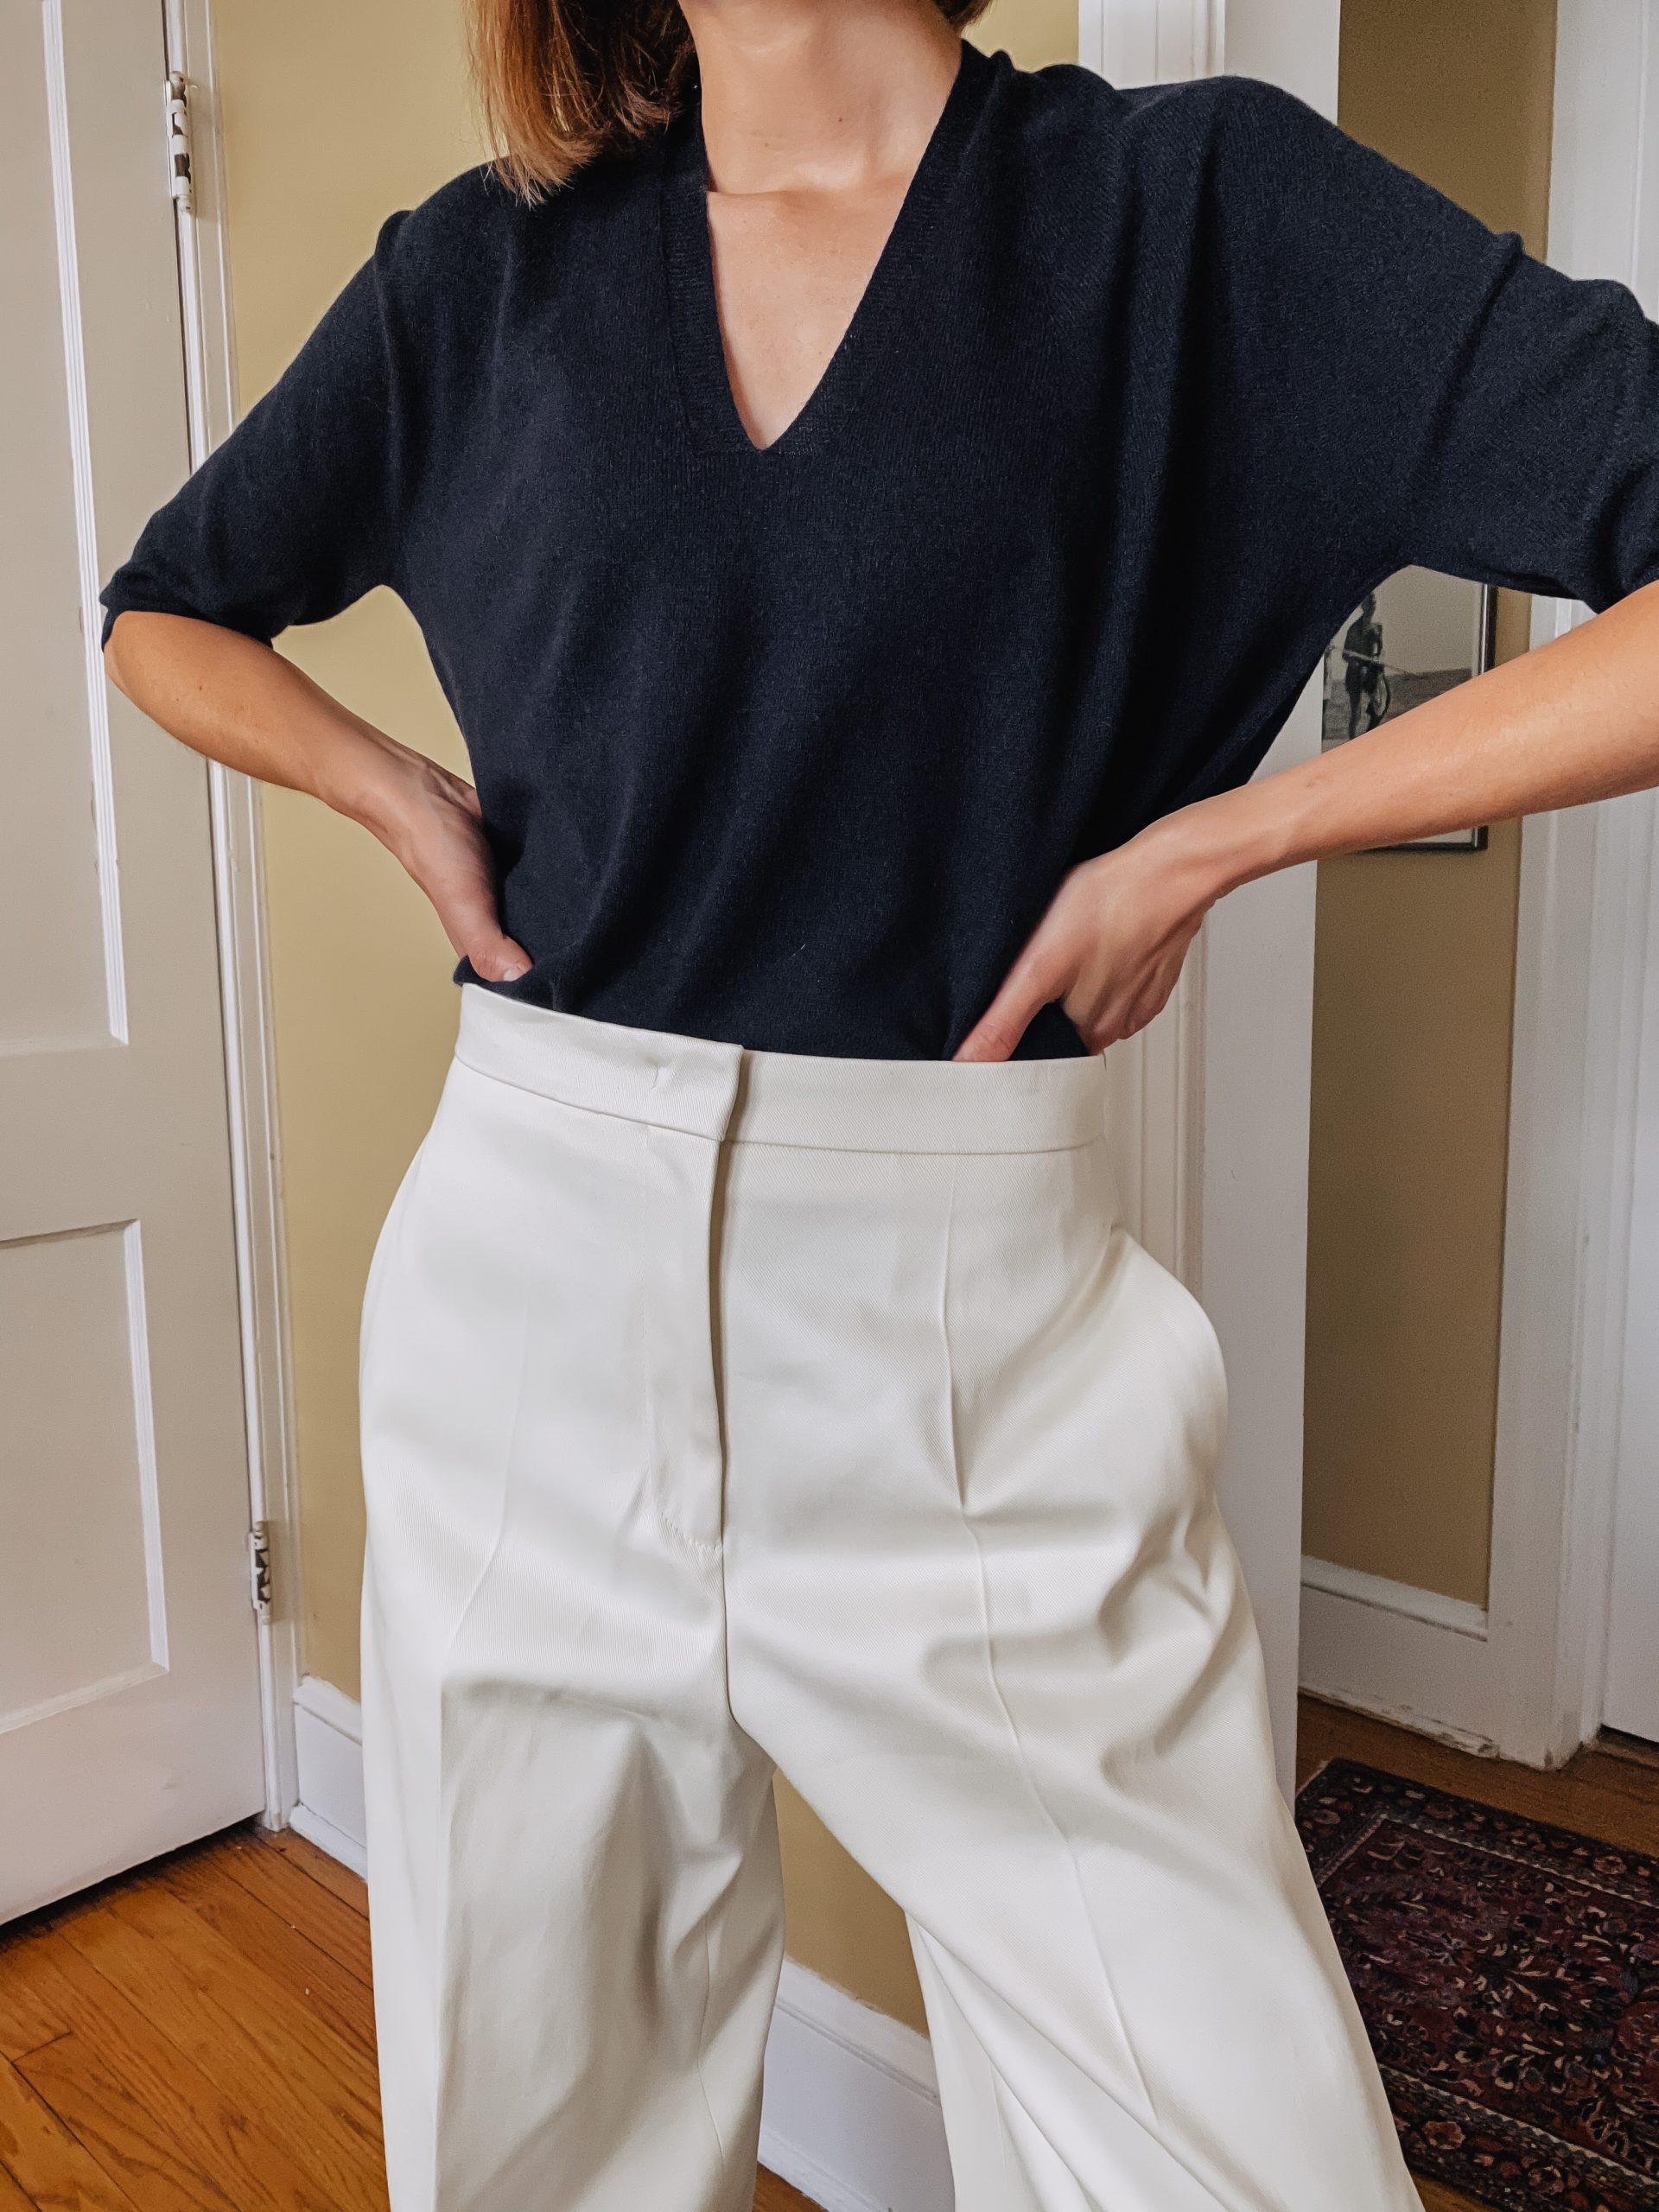 Hugo Boss v-neck sweater & white oversized pants